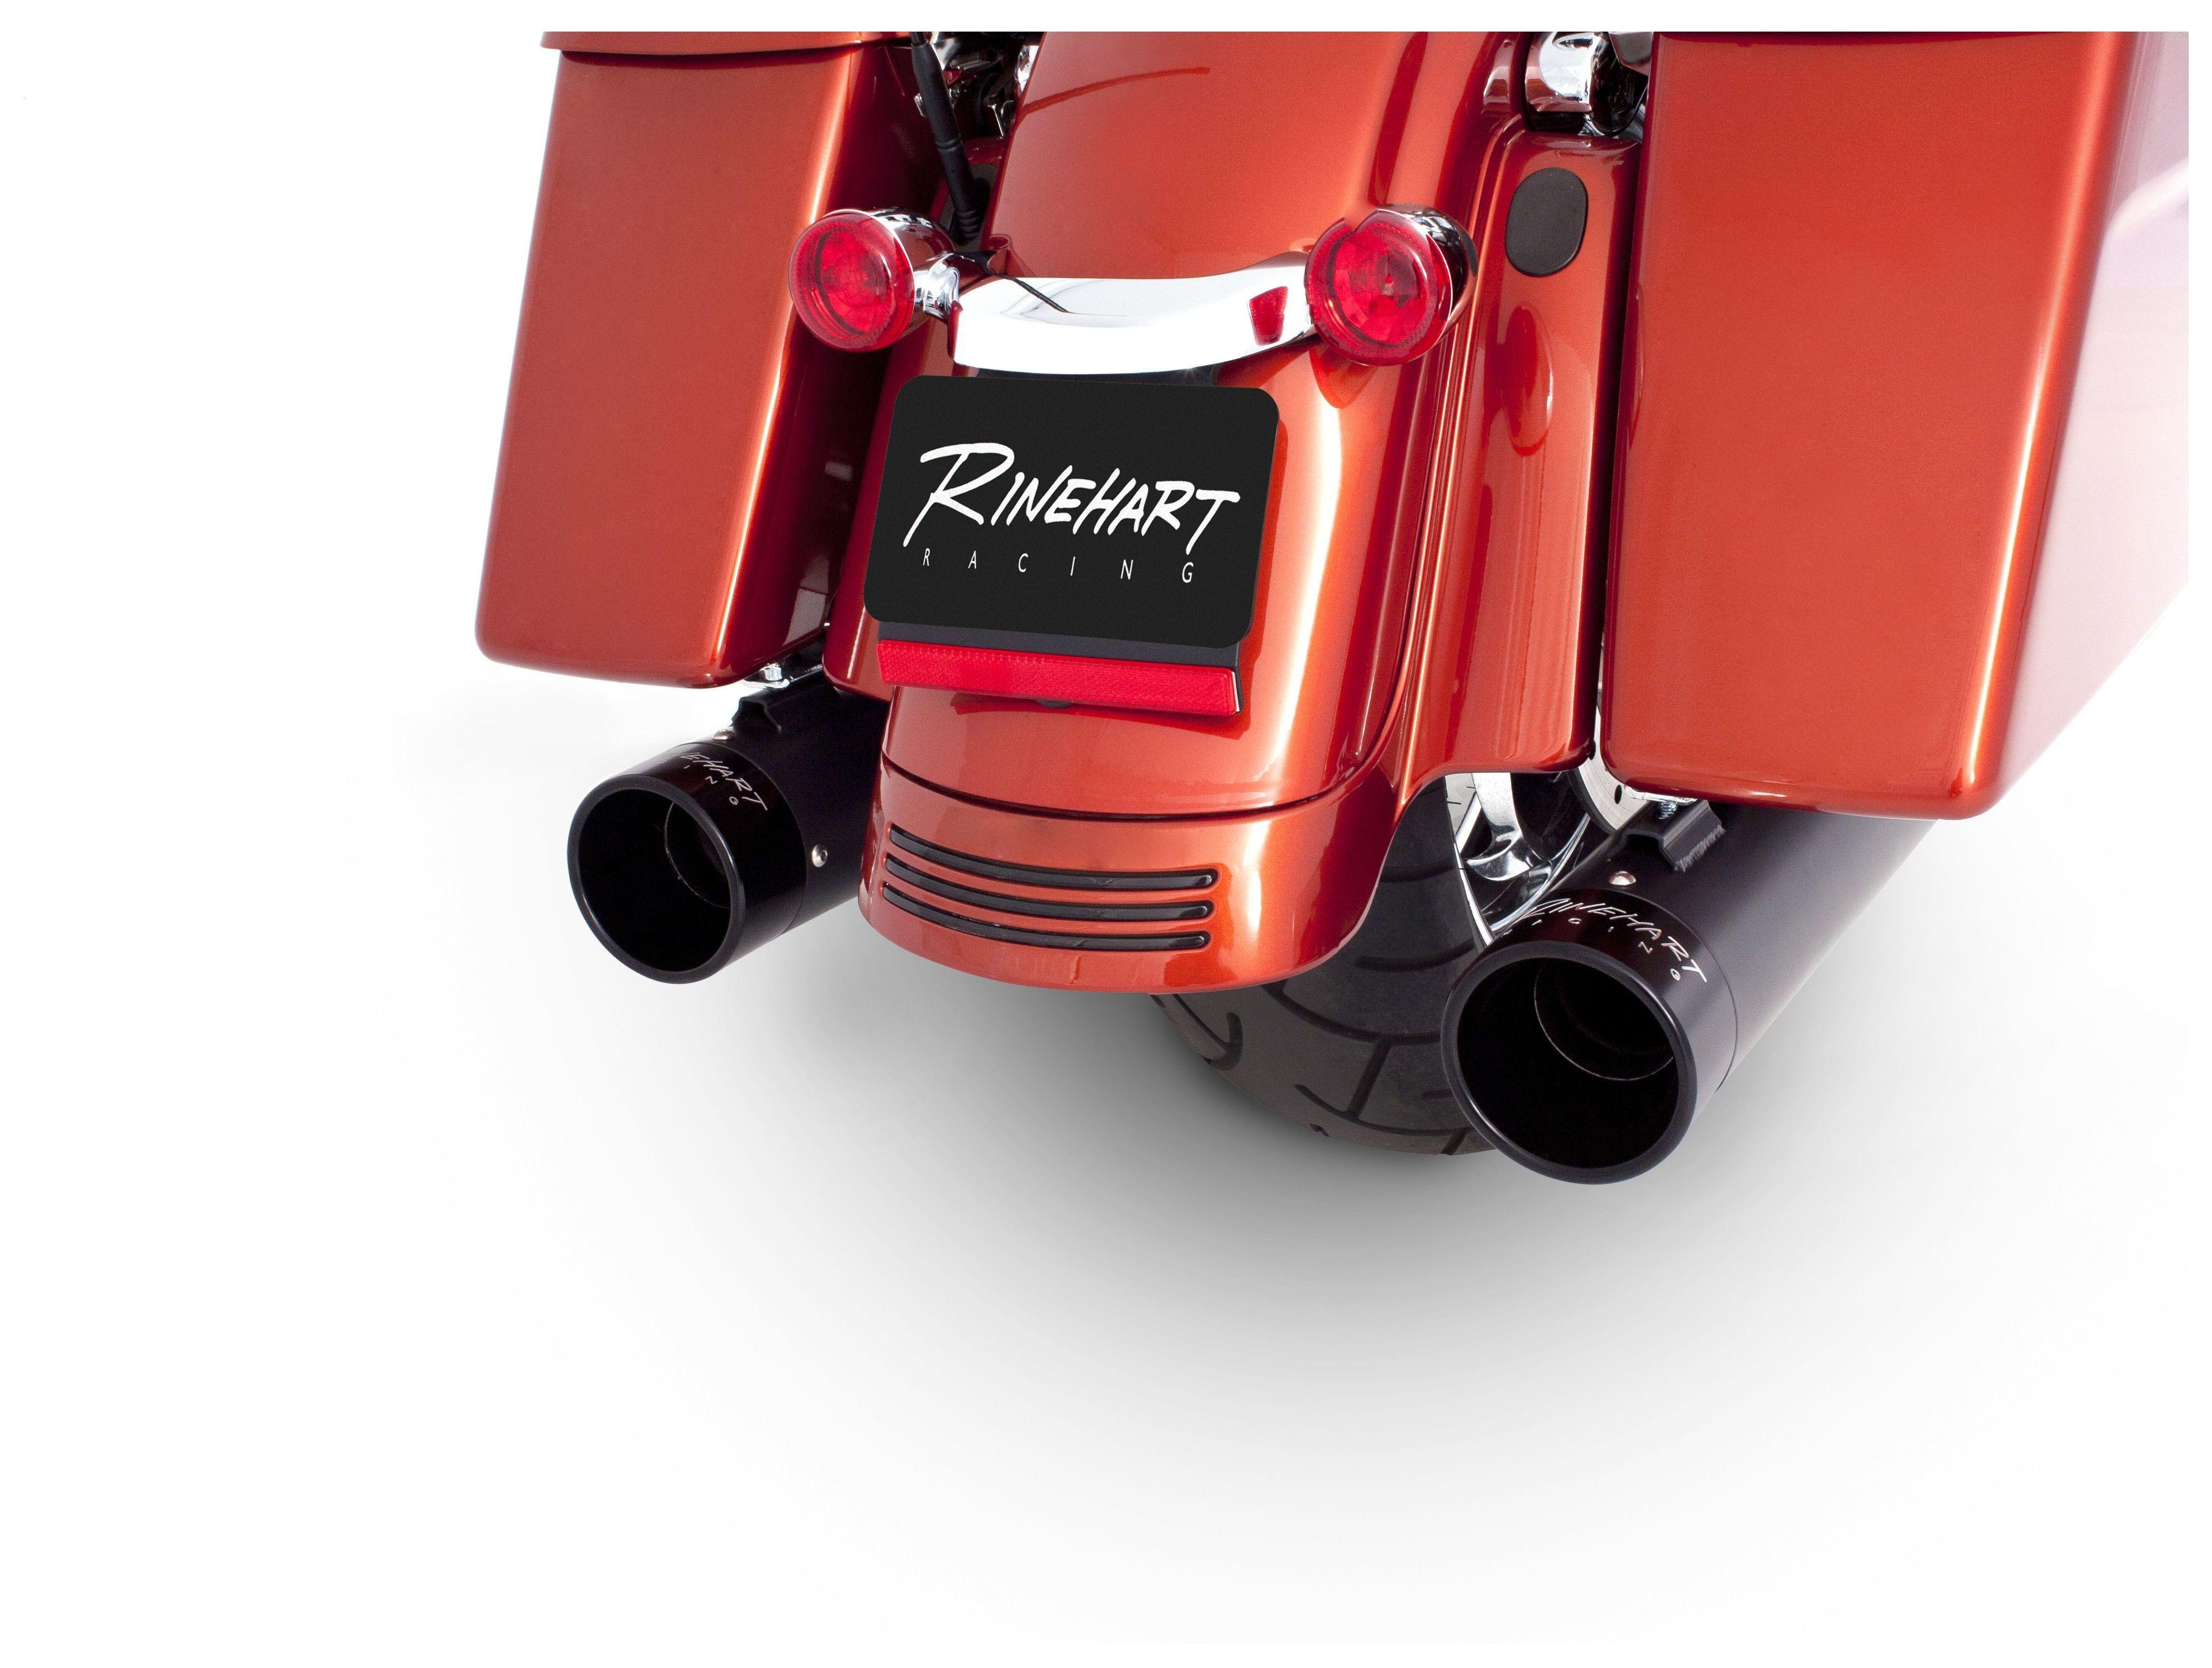 rinehart 4 slip on mufflers for harley touring 2017 2021